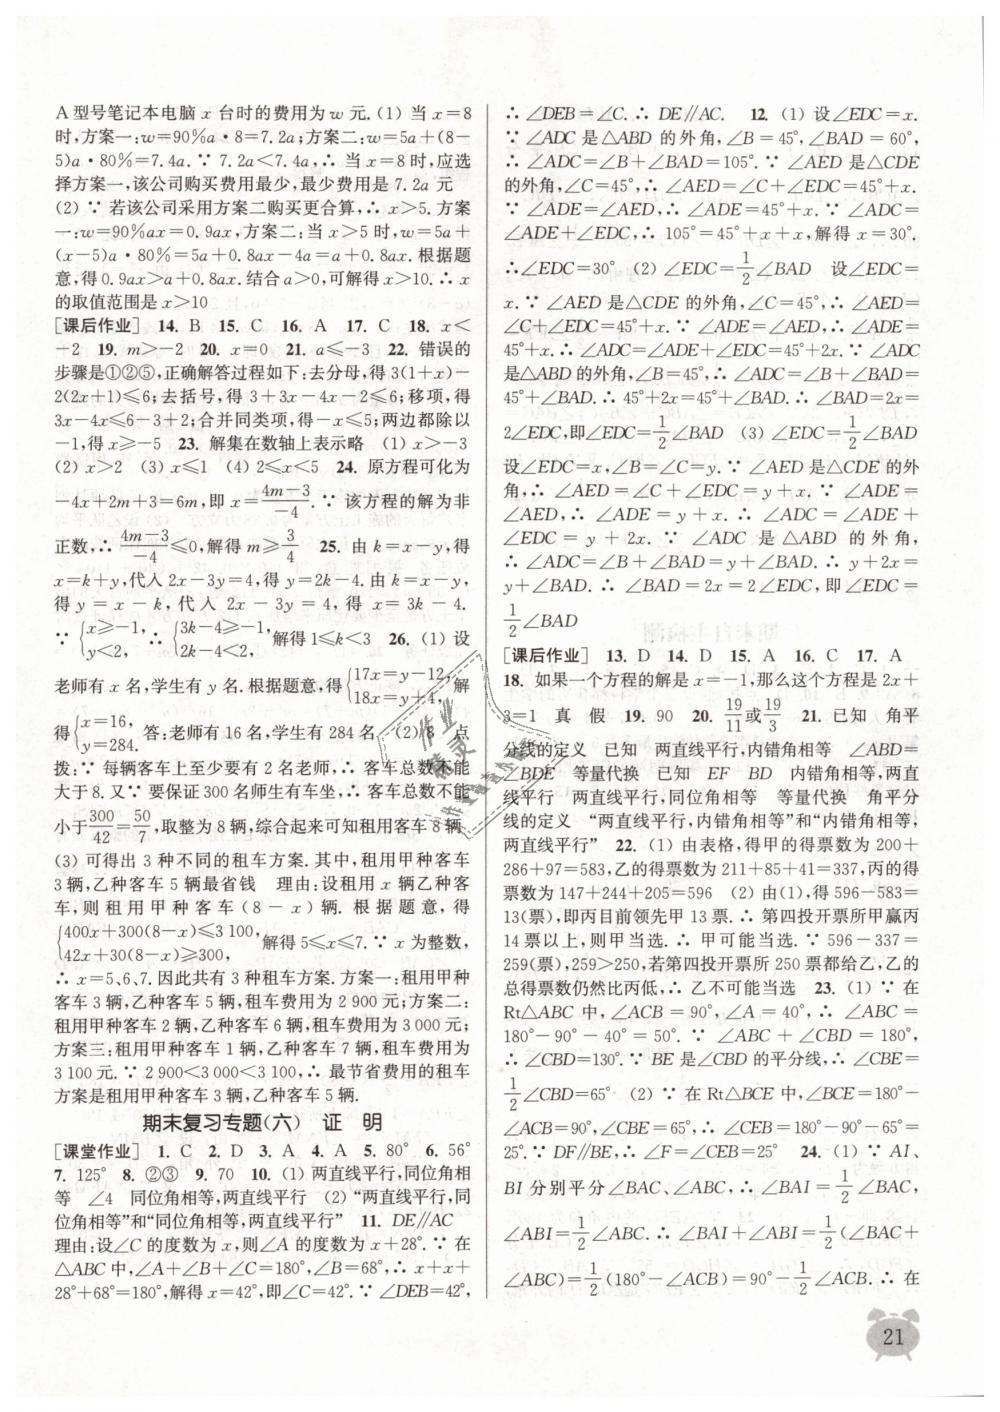 2019年通城学典课时作业本七年级数学下册苏科版江苏专用第21页